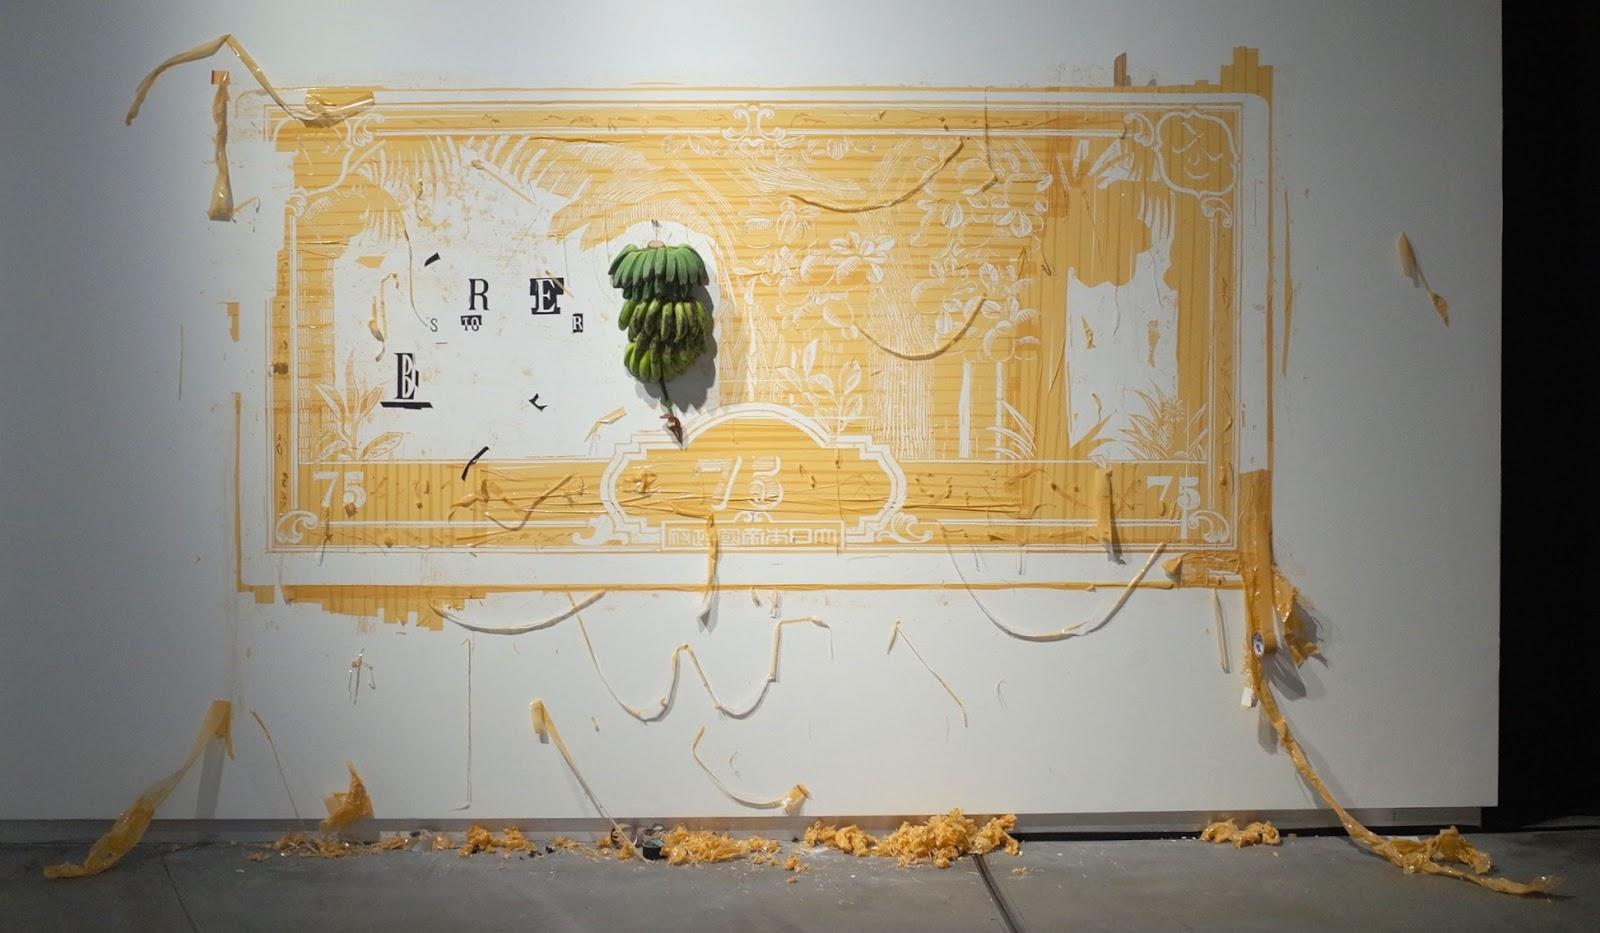 Banana Money, 2012/2017 | CHONG KIM CHIEW 張锦超